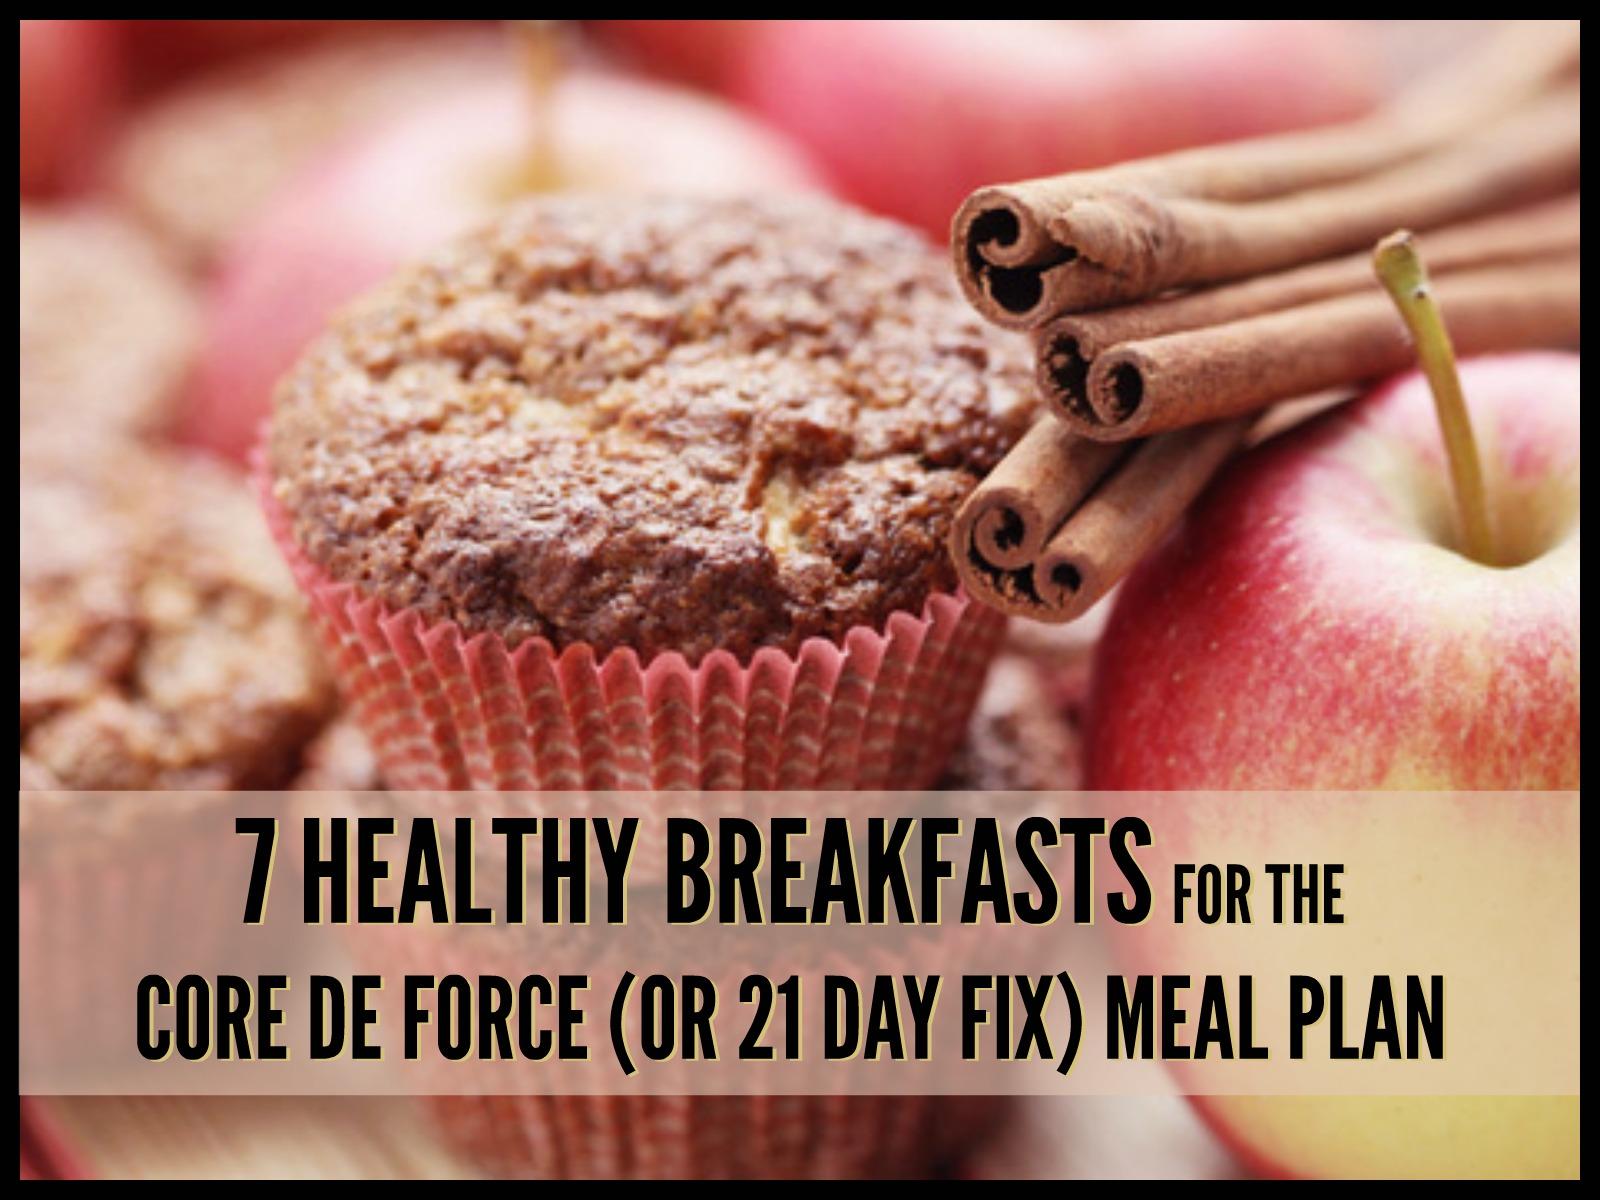 Breakfast-core-de-force-fix-featured-image.jpg